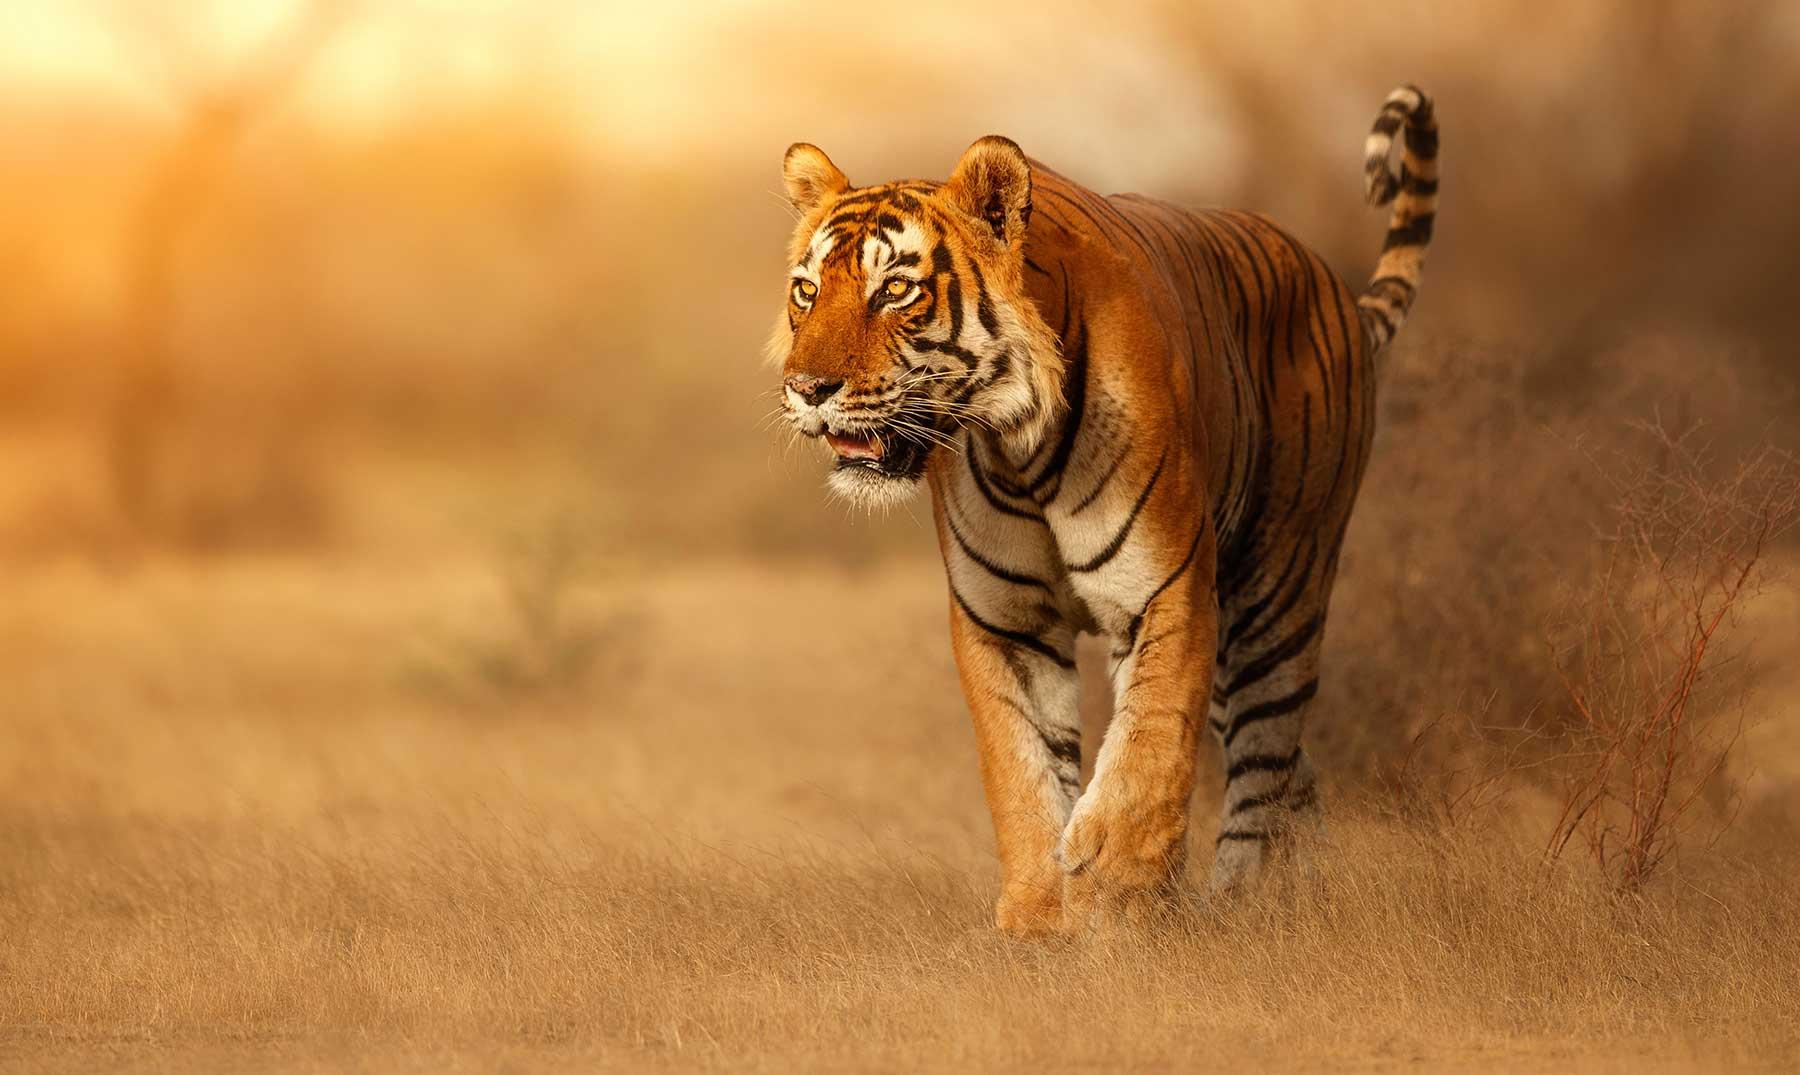 120 Frases De Animales Un Vínculo Con La Naturaleza Con